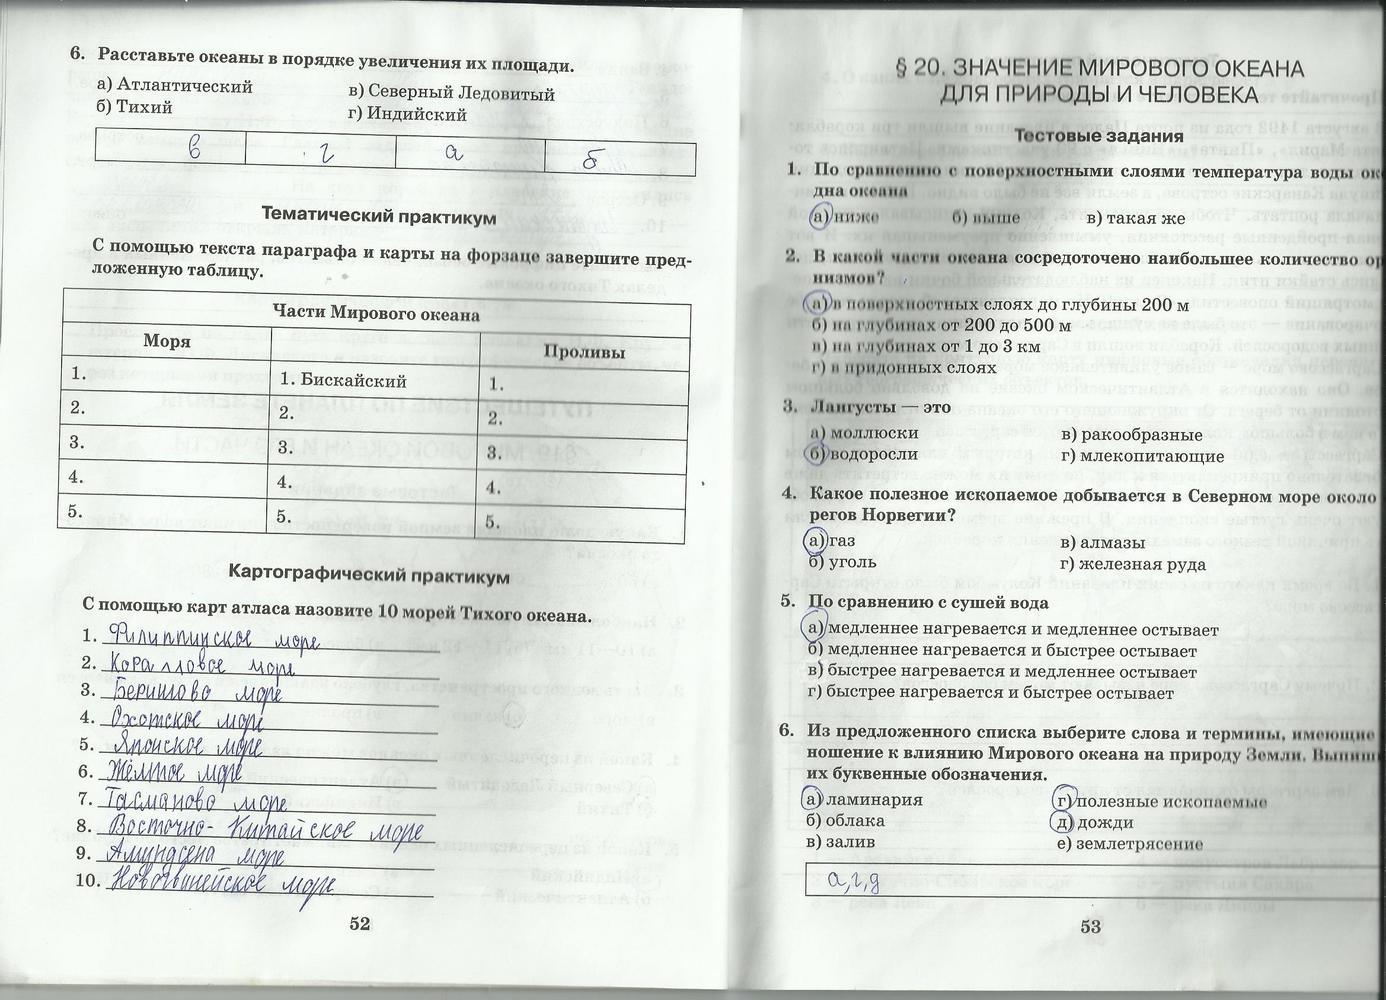 Ответы на тесты по географии 10 класс в рабочей тетради домогацких